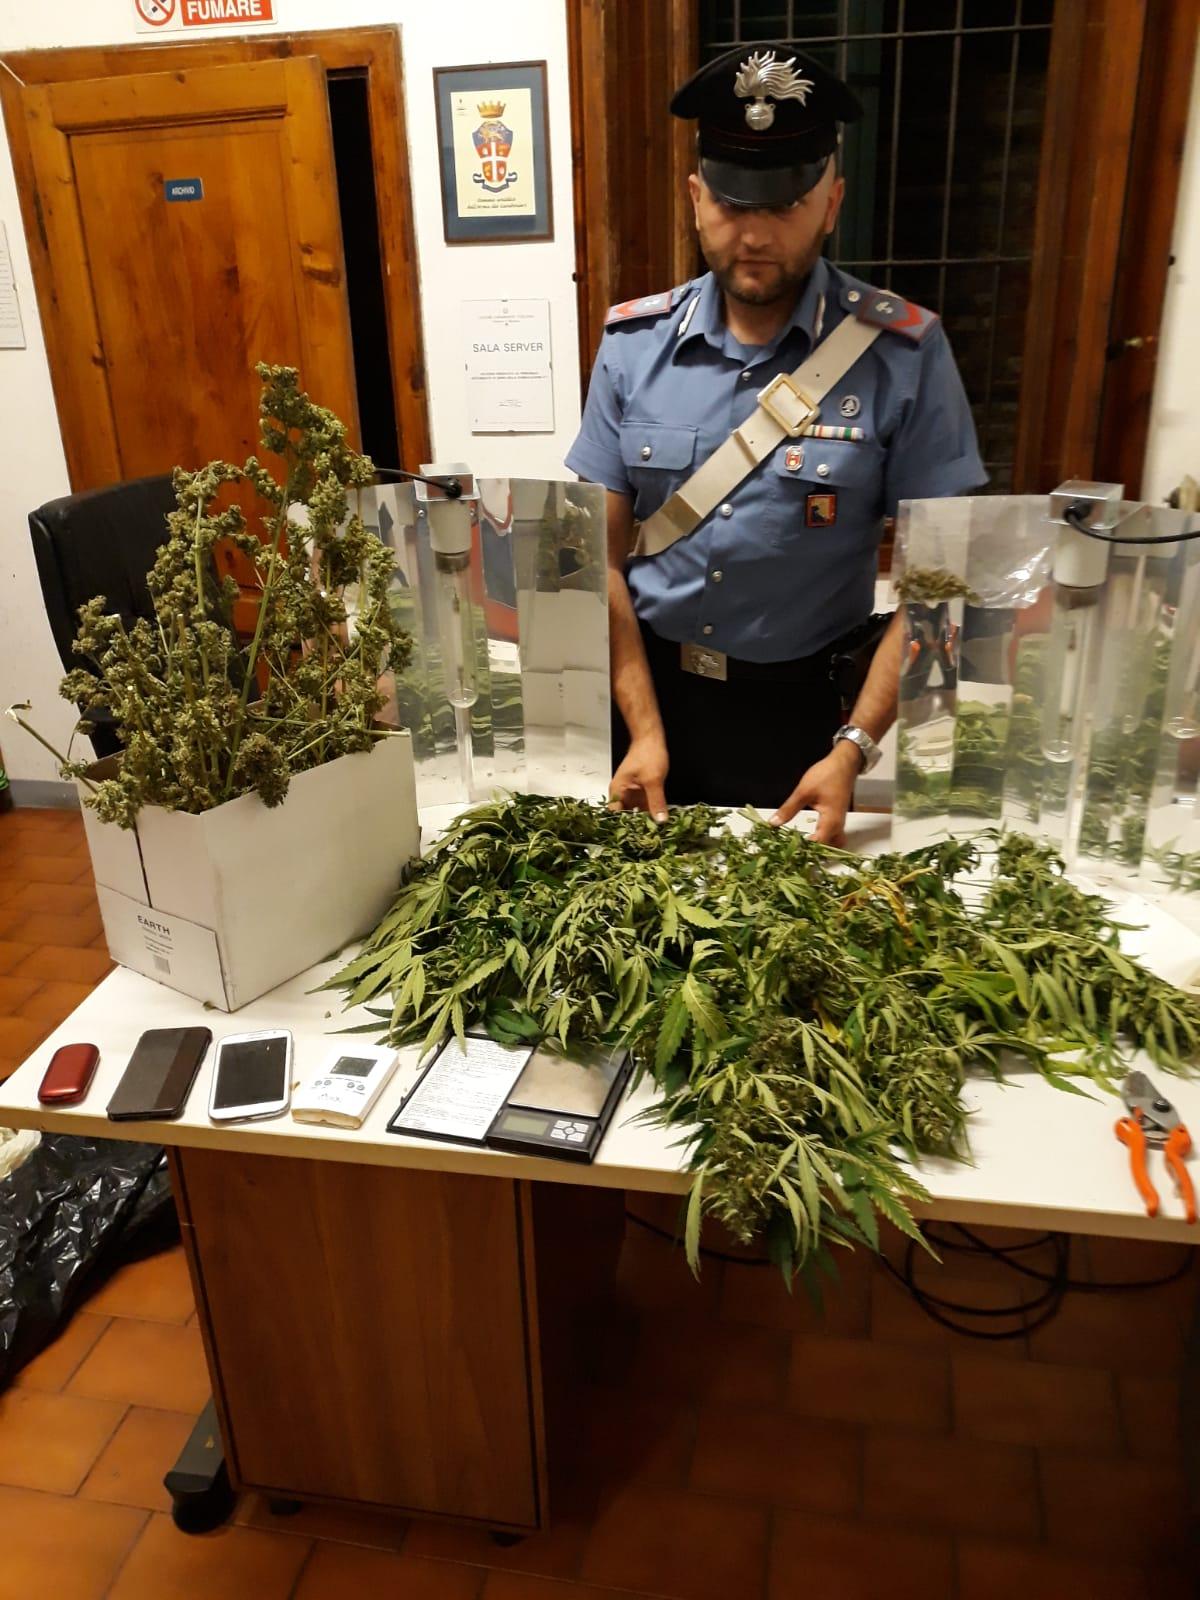 Coltivazione illegale di canapa indiana due arresti for Eventi in toscana oggi